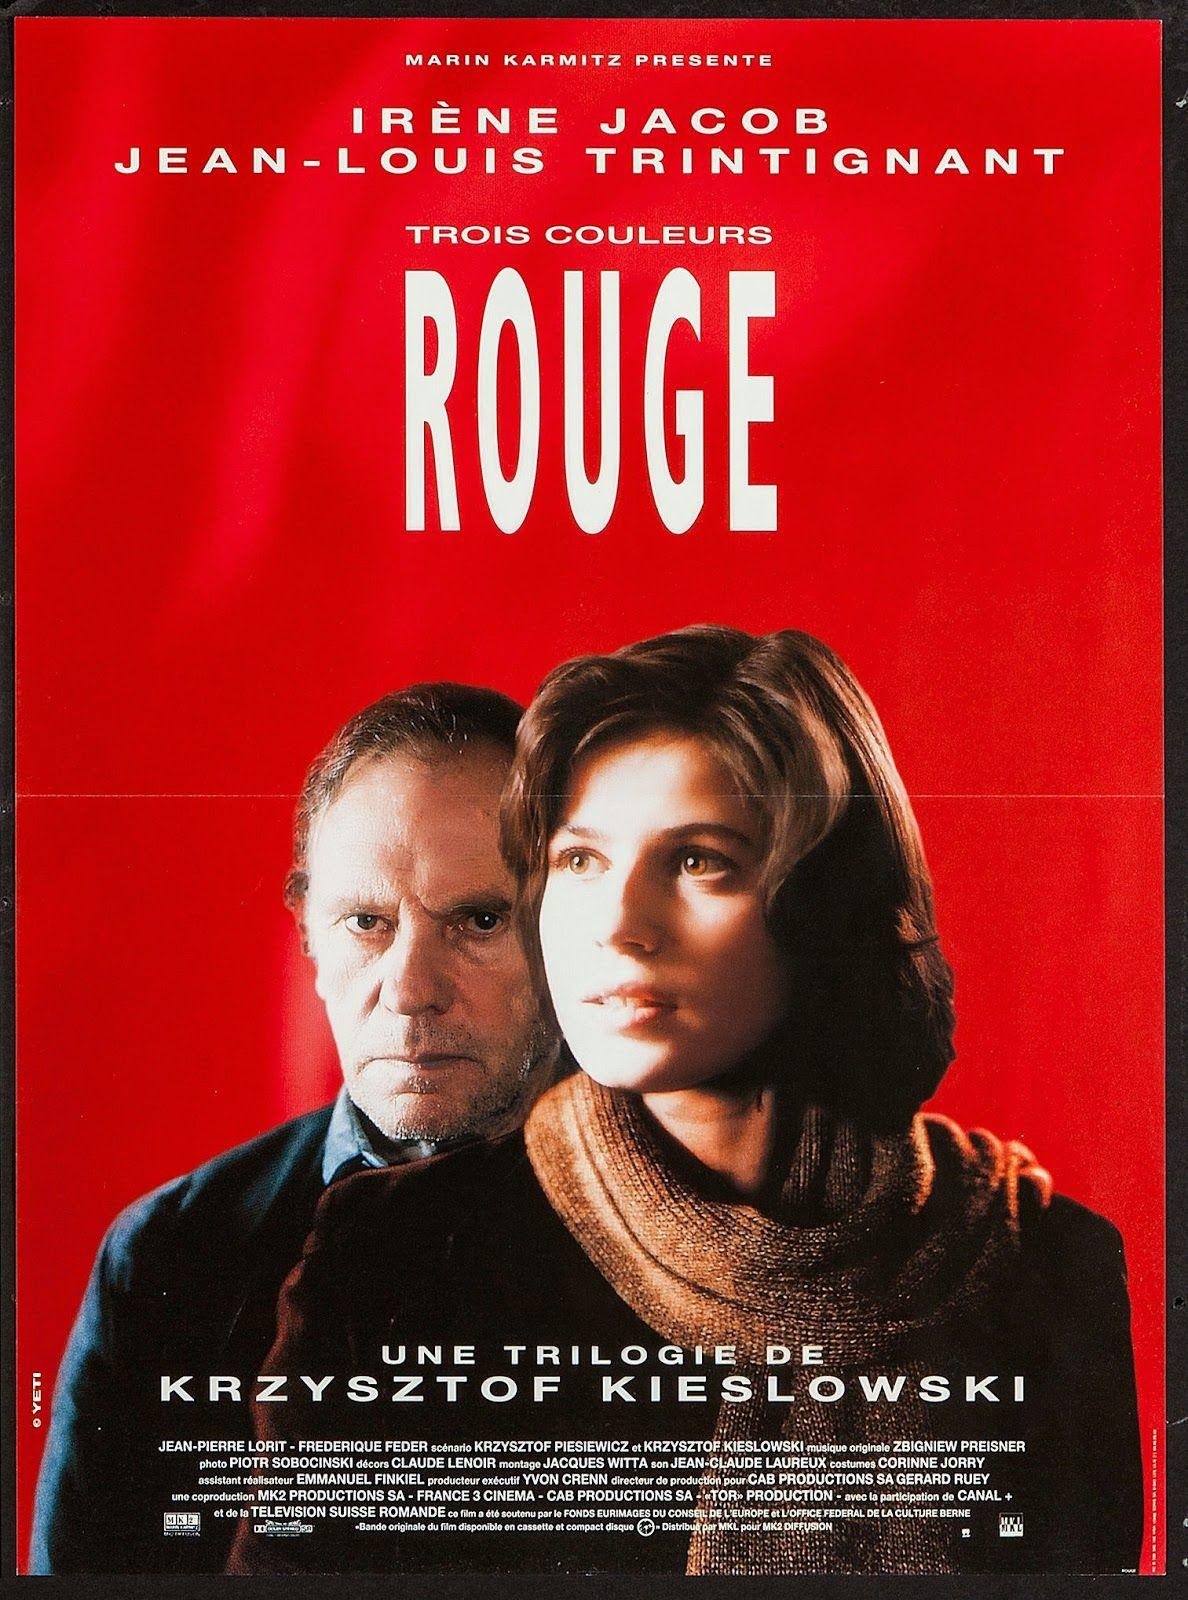 Trois Couleurs Rouge Aka Three Colors Red Dir Krzysztof Kieslowski 1994 Julie Delpy Trois Couleurs Films Complets